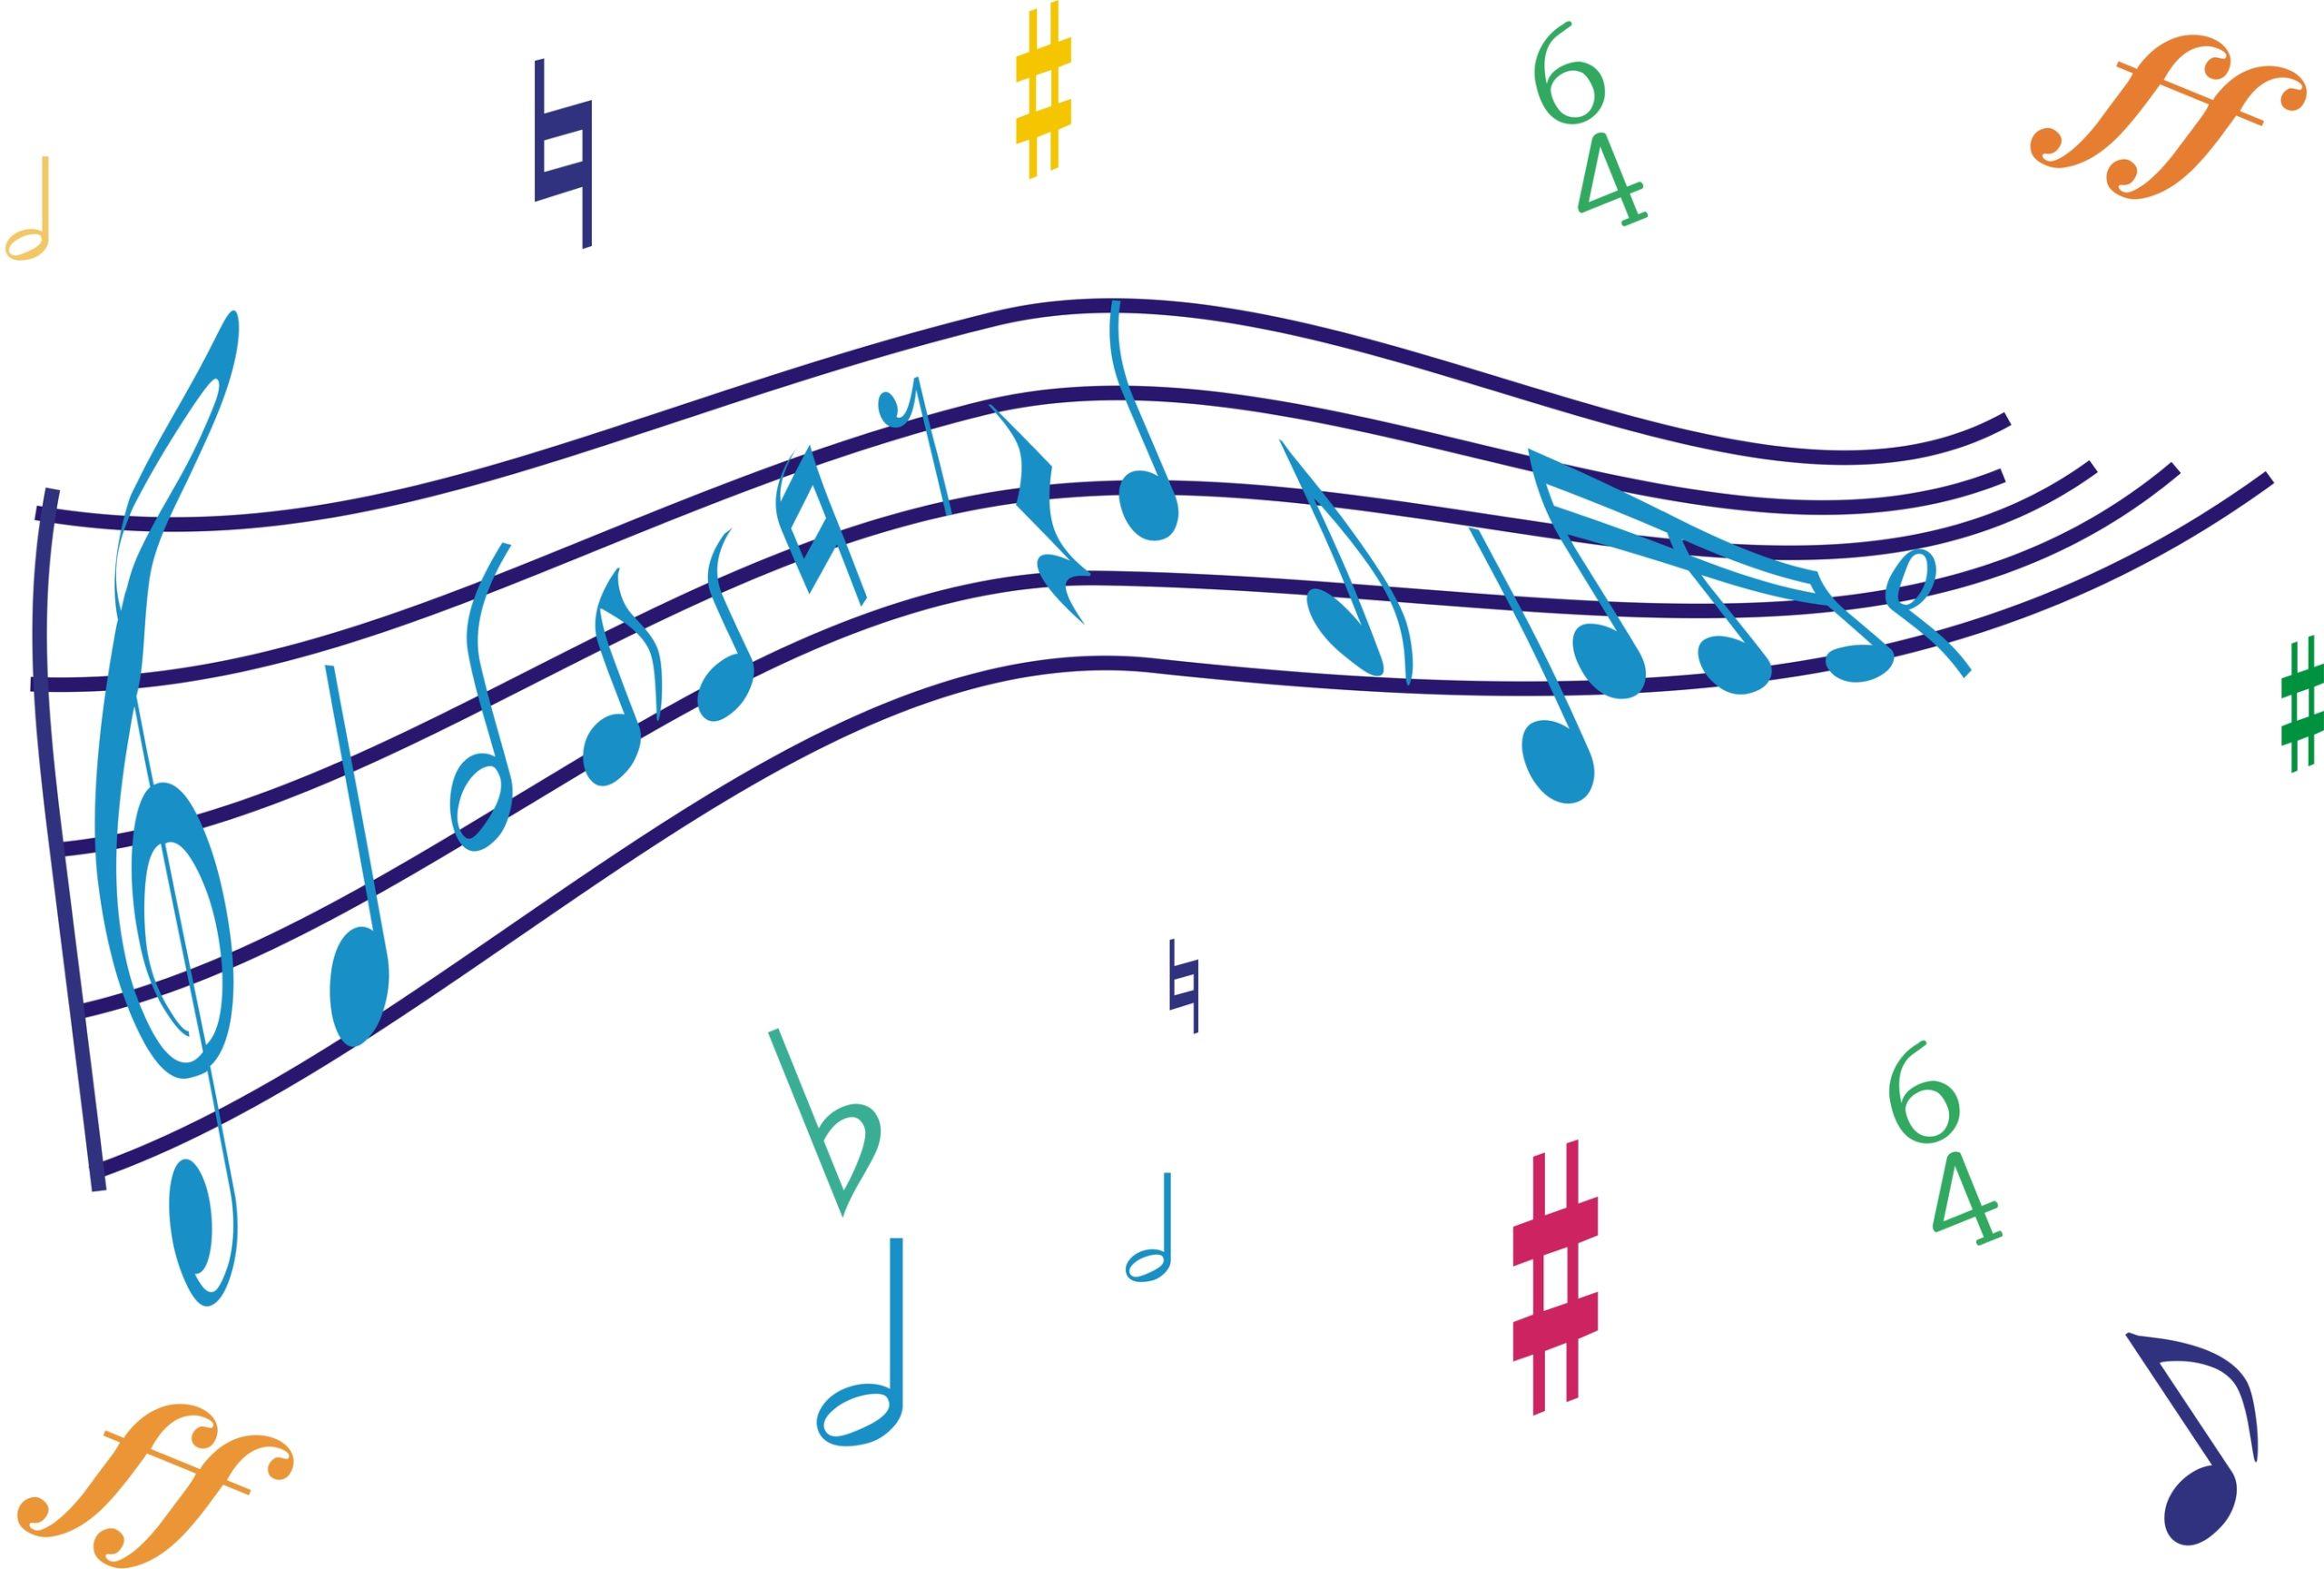 Nodelære - rytmelæsning på rytmesprog